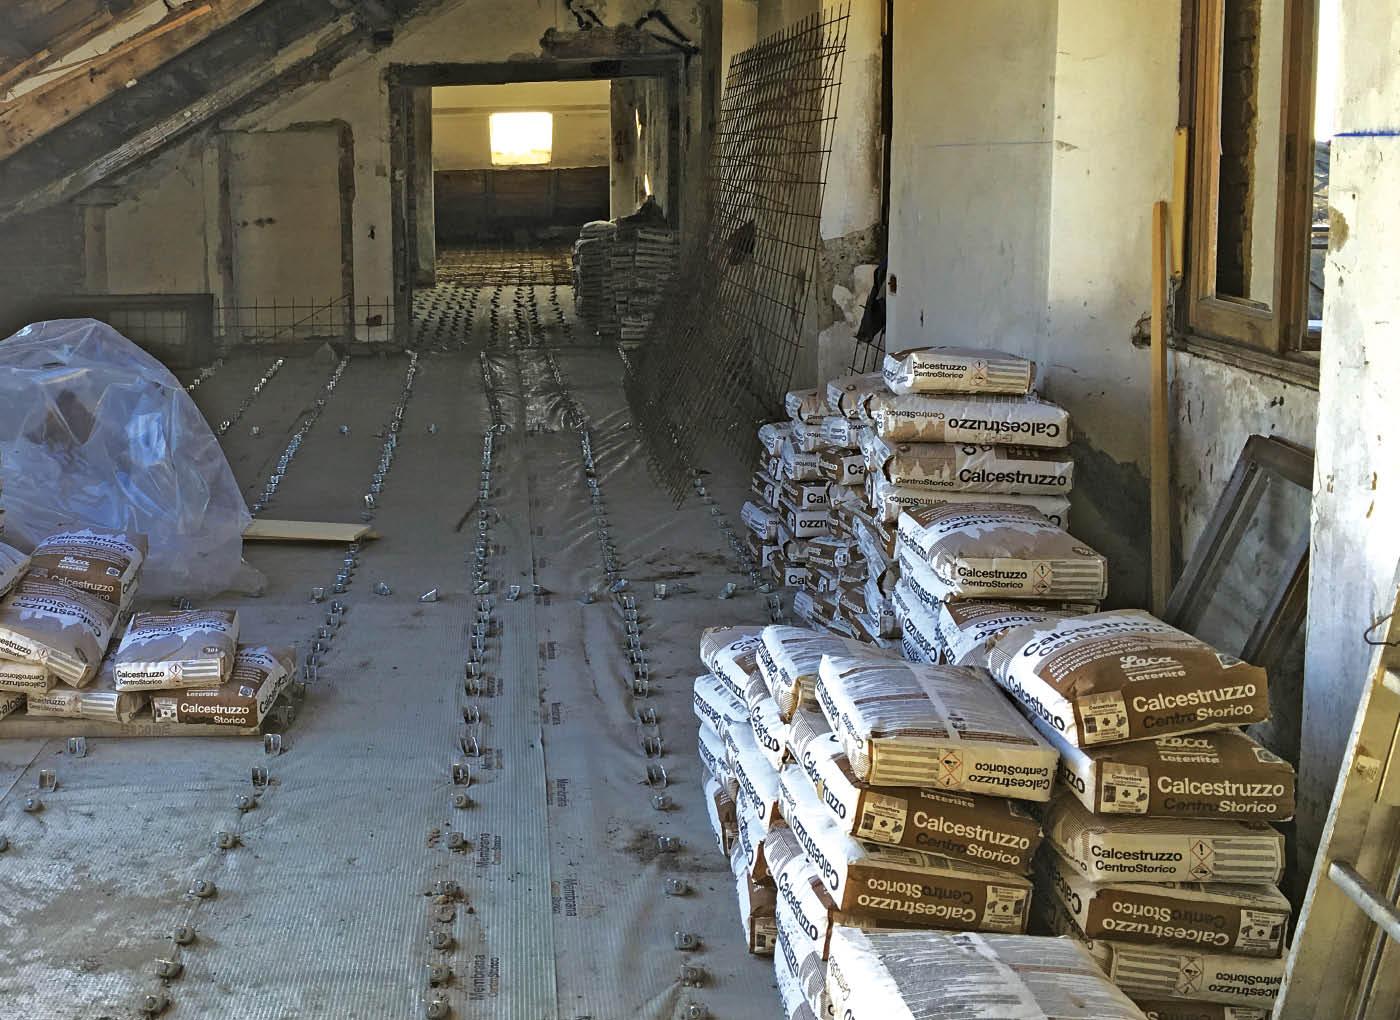 cantiere-consolidamento-calcestruzzo-centrostorico-P25-5